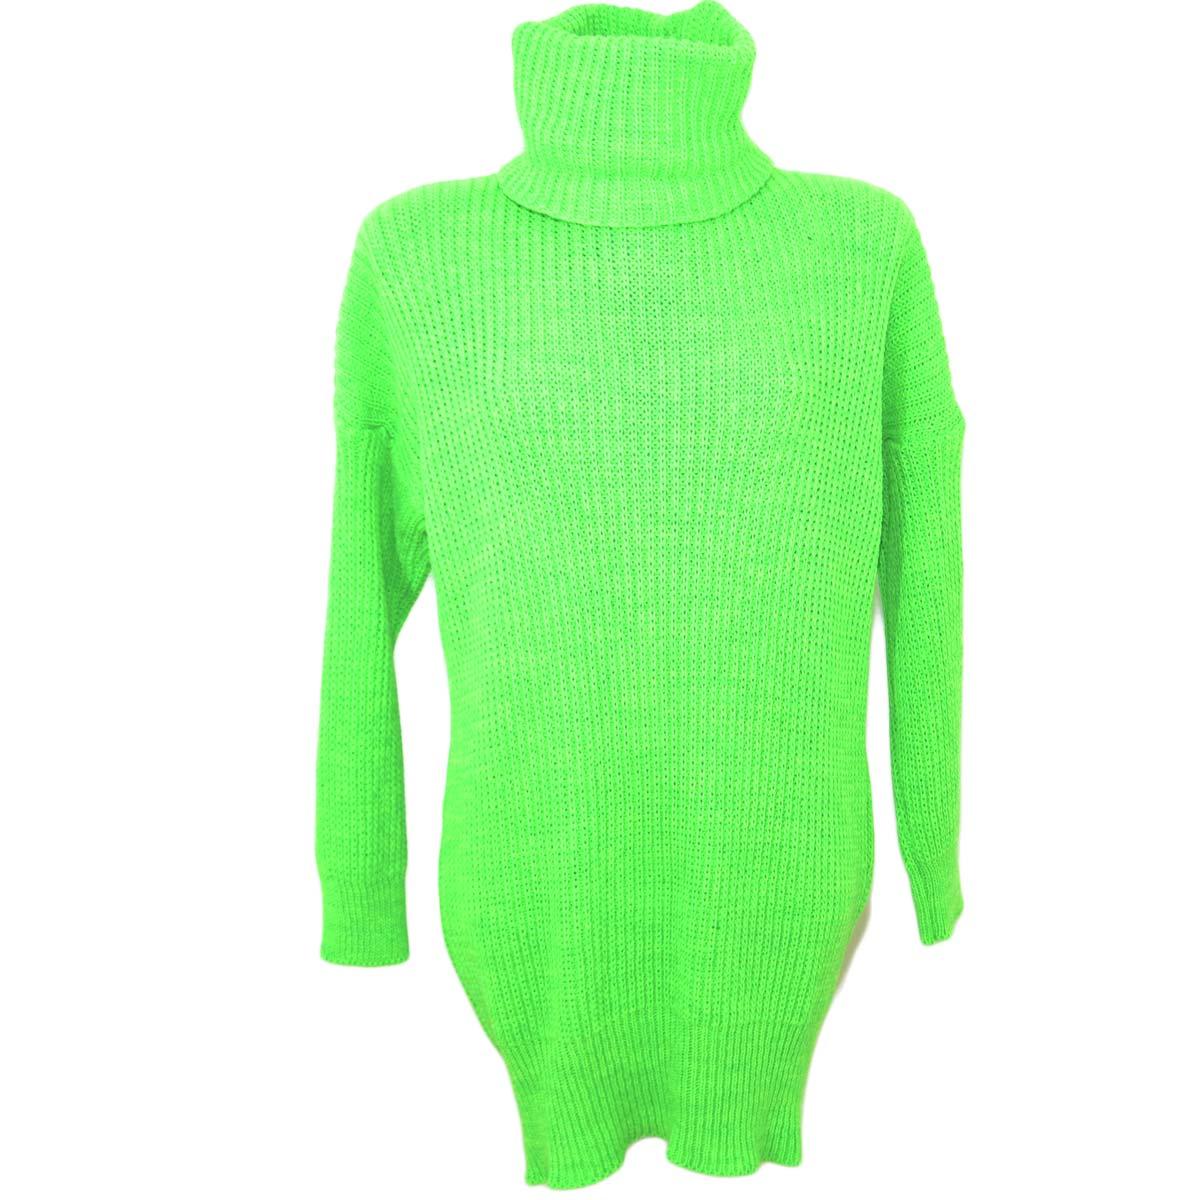 miglior sito web c7e43 23831 Maxi pull dolcevita donna verde fluo lungo vestitino a collo alto maniche  lunghe tessitura larga moda tendenza donna maglioncini made in italy | ...